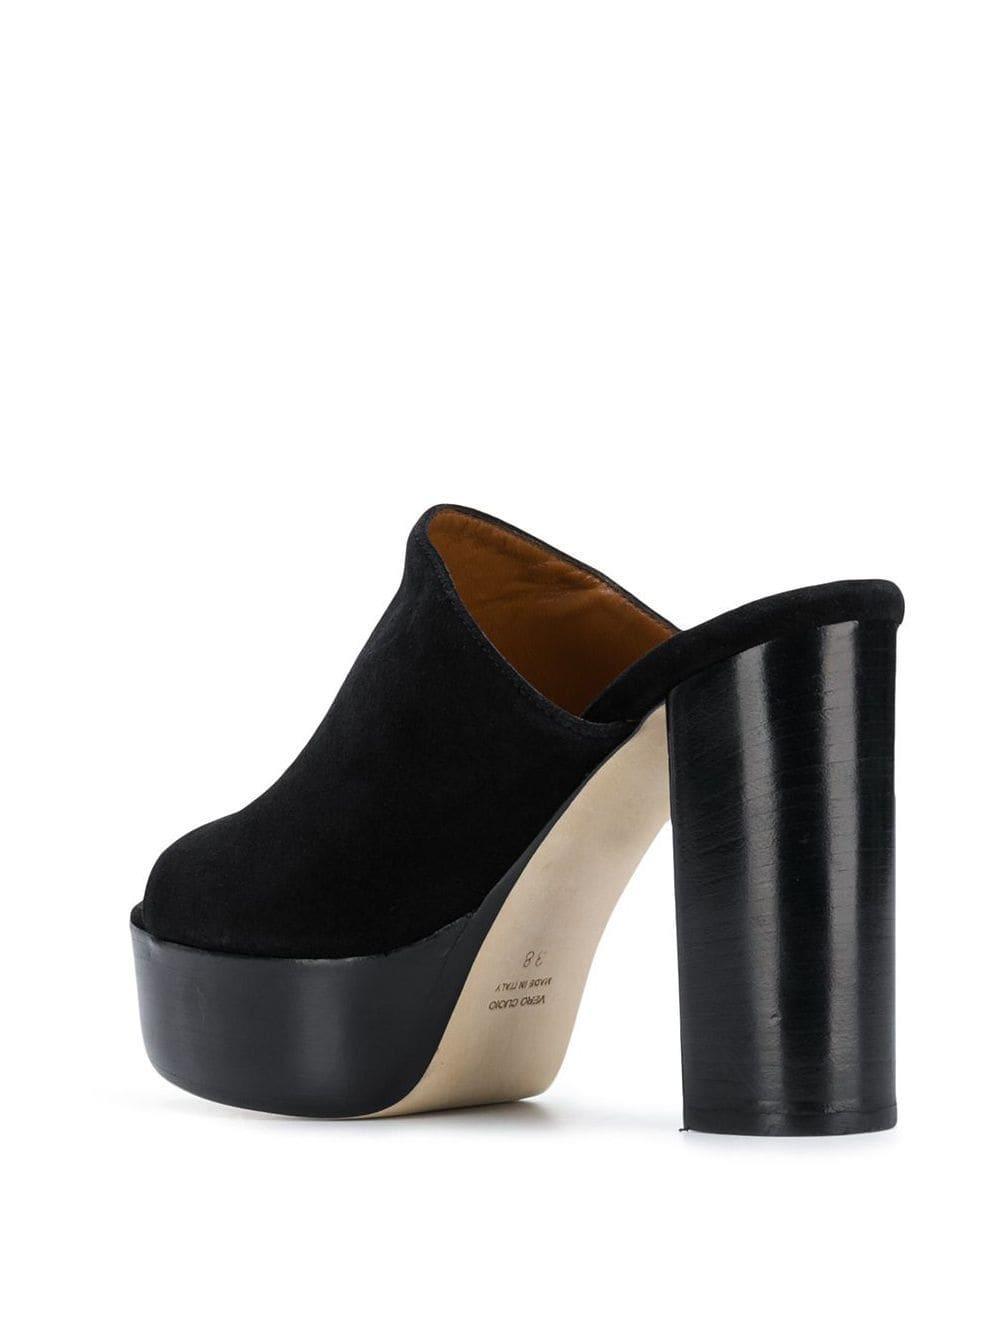 Sandales à plateforme Cuir Paris Texas en coloris Noir